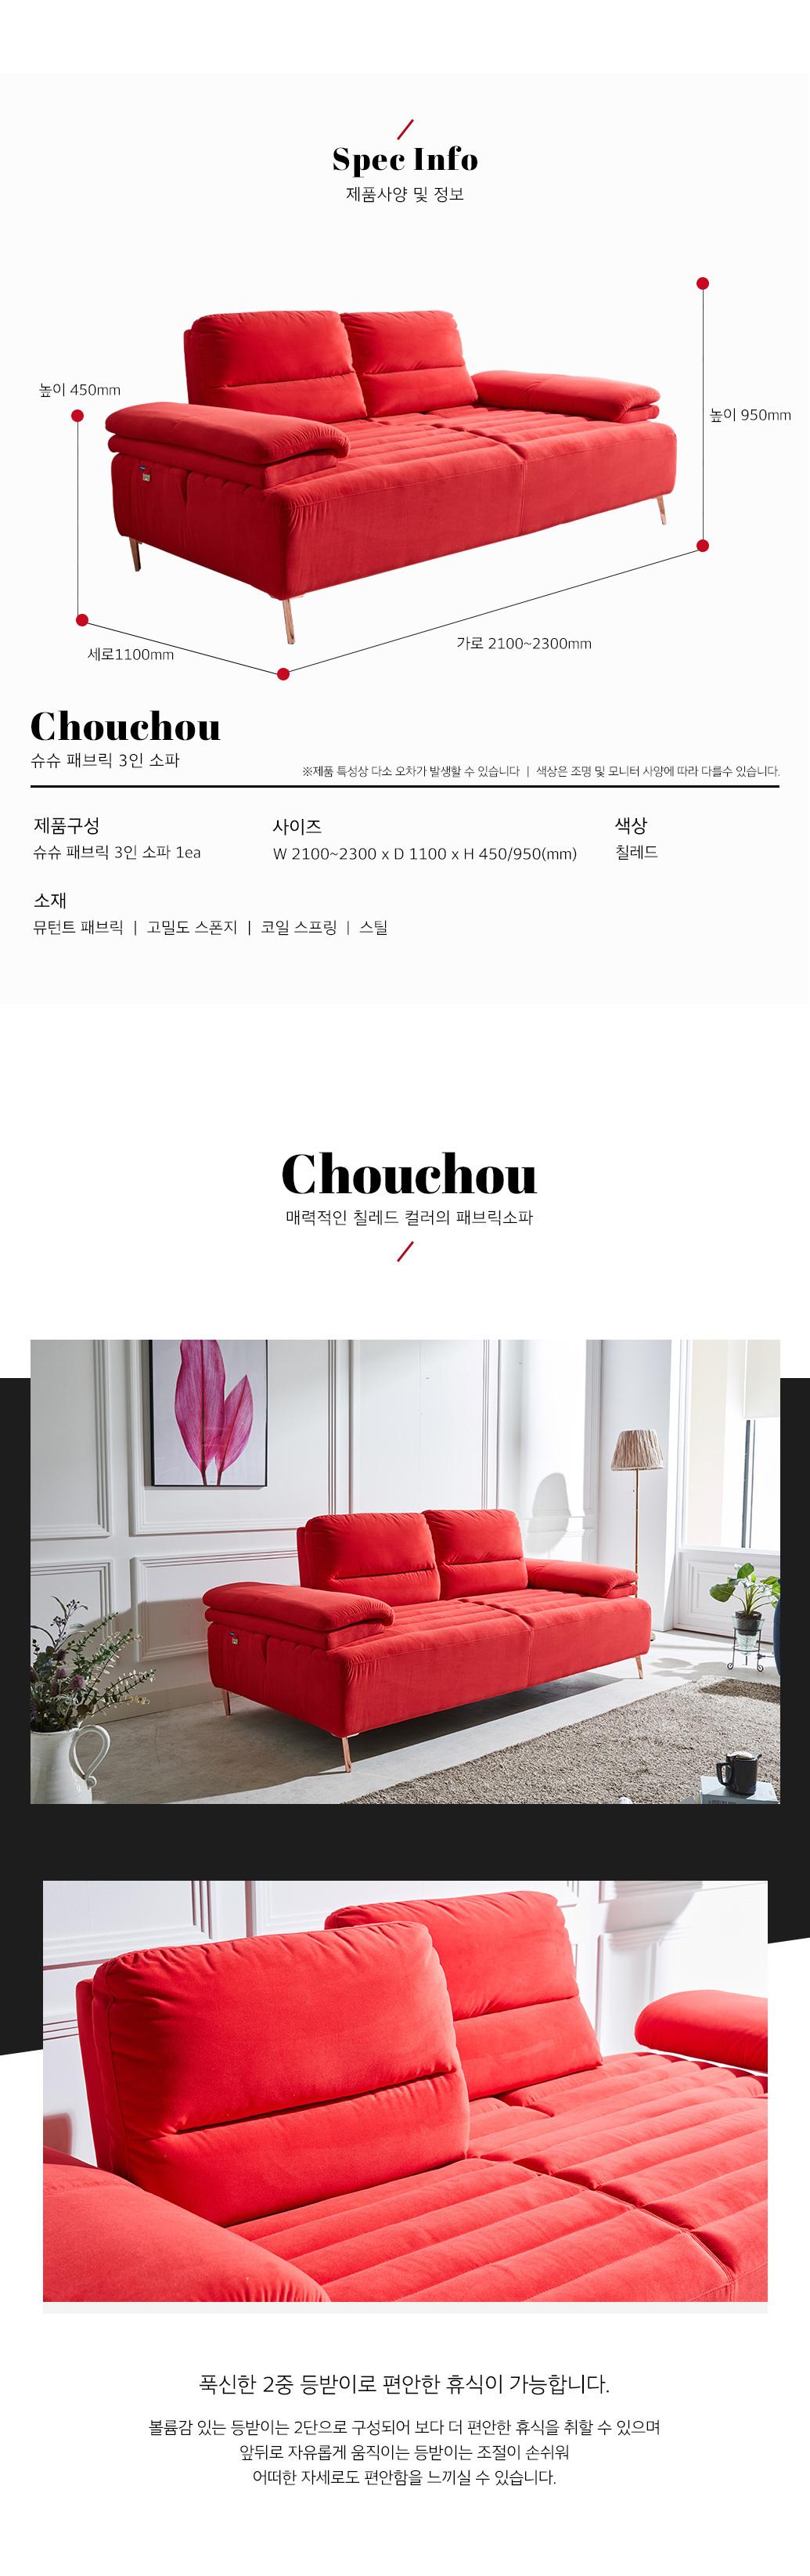 chouchou_002.jpg